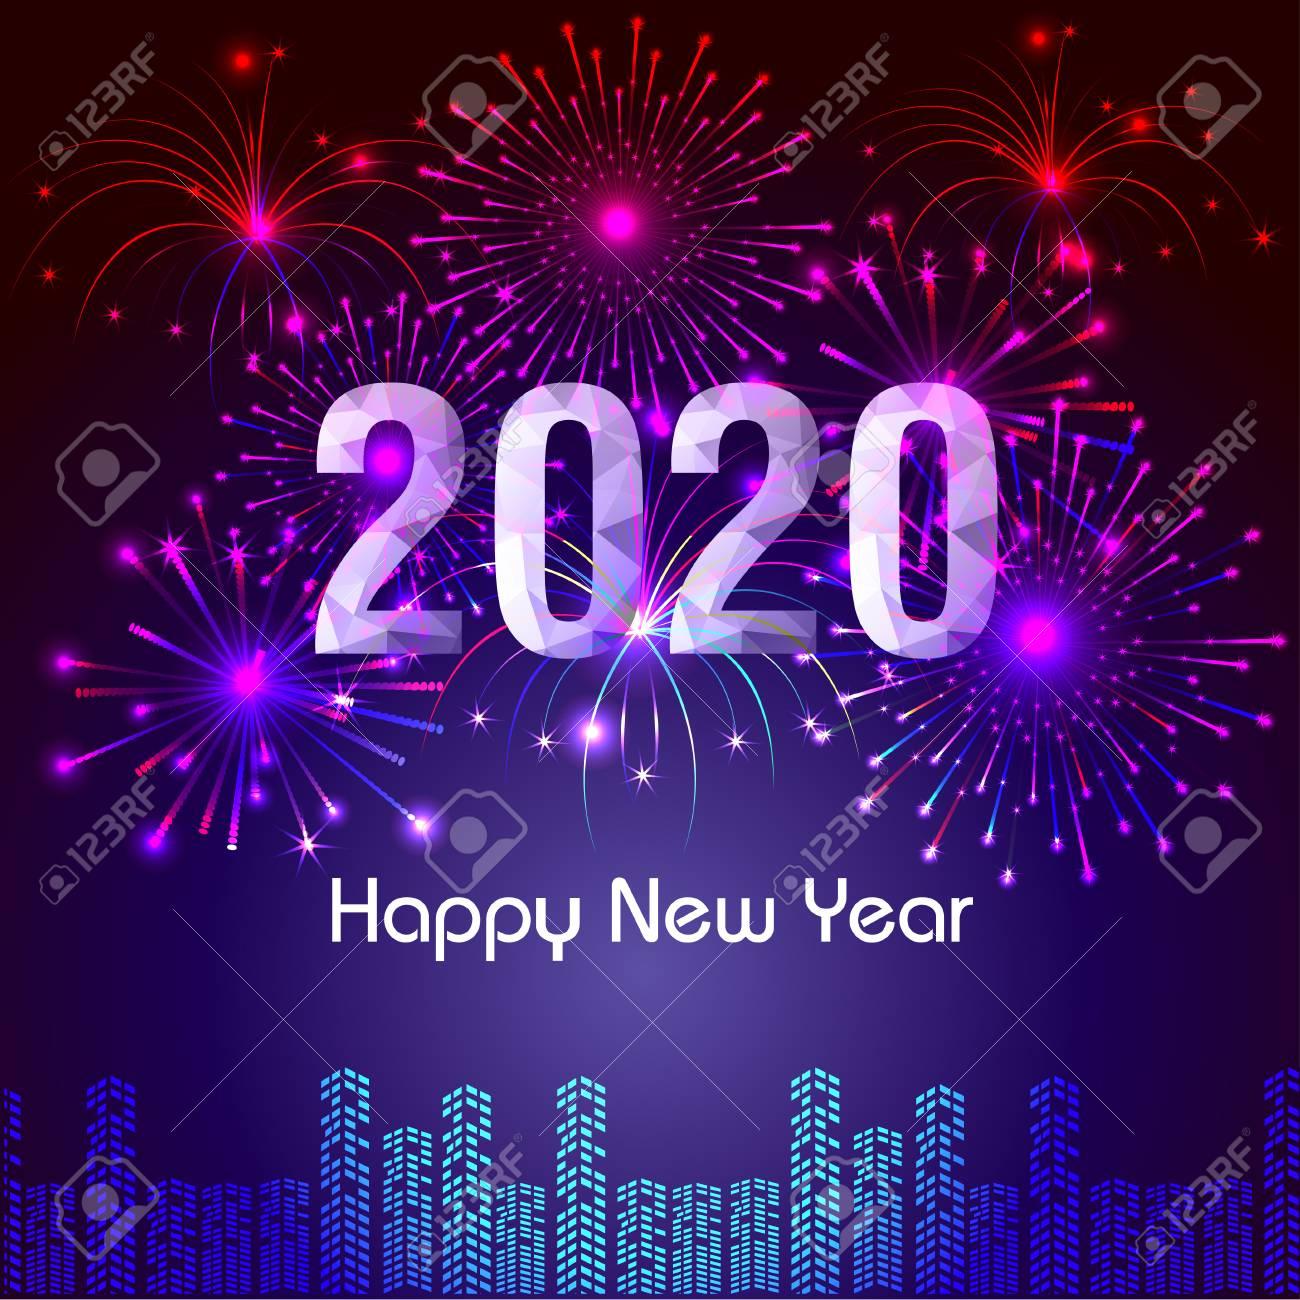 صور ورسائل تهنئة بالعام الميلادي الجديد 2020 مسدجات السنة الجديدة Happy New Year 2